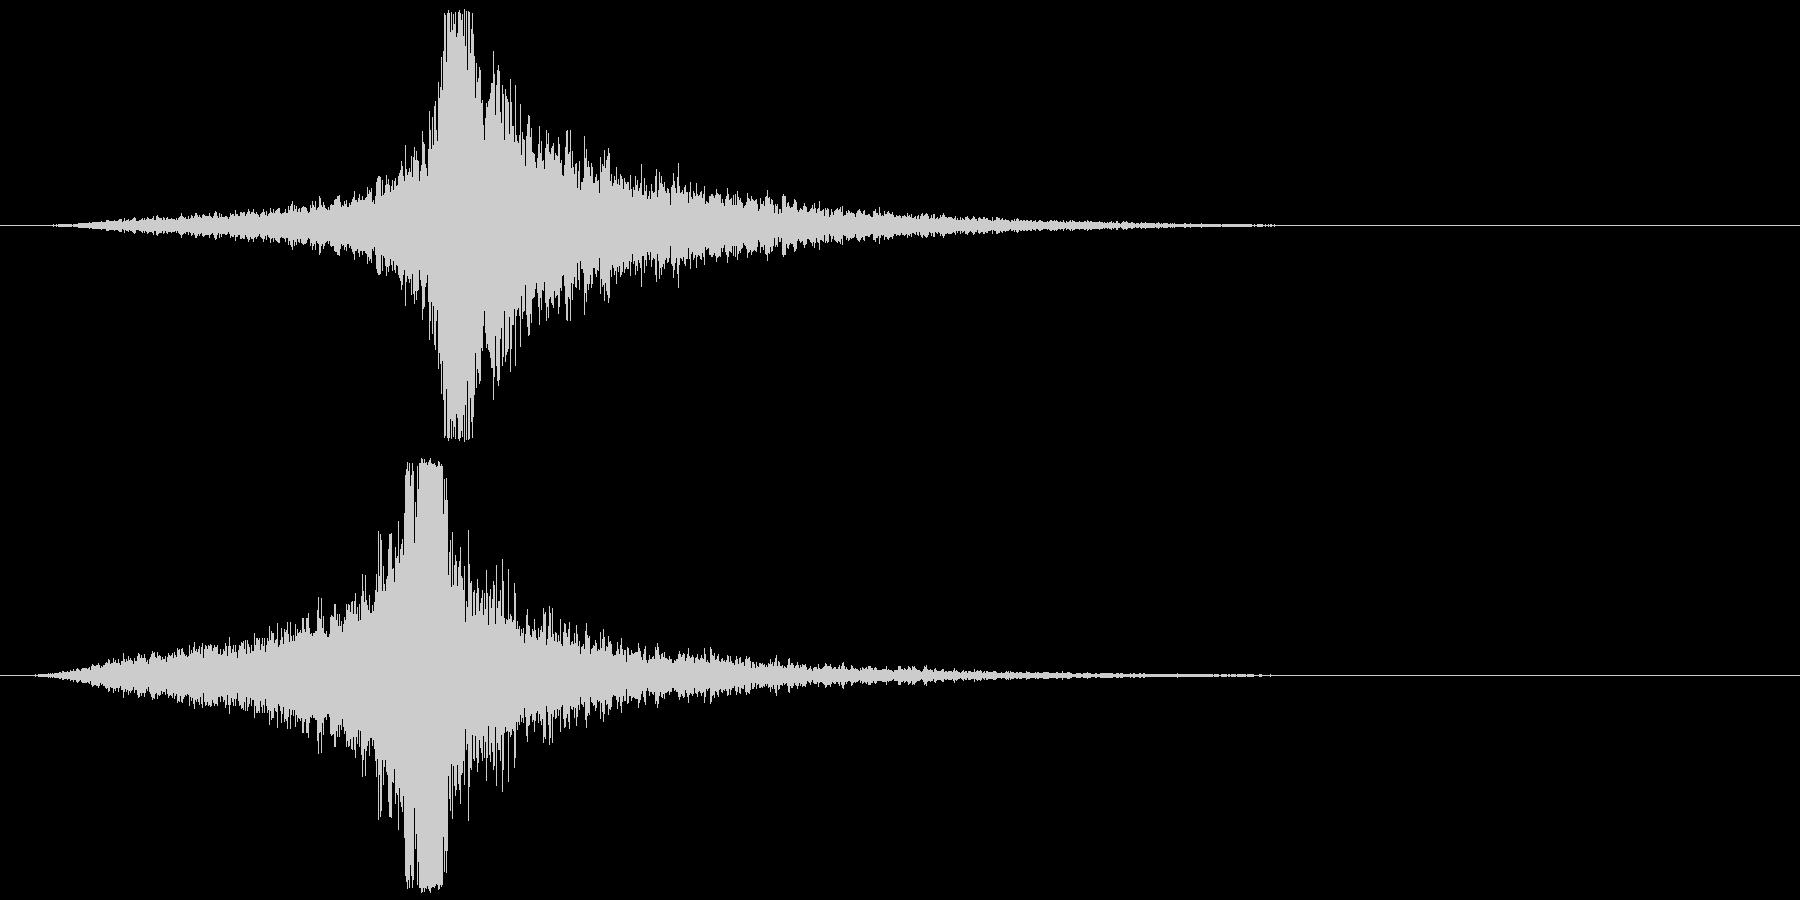 宇宙船・飛翔体#4通過 右〜左の未再生の波形